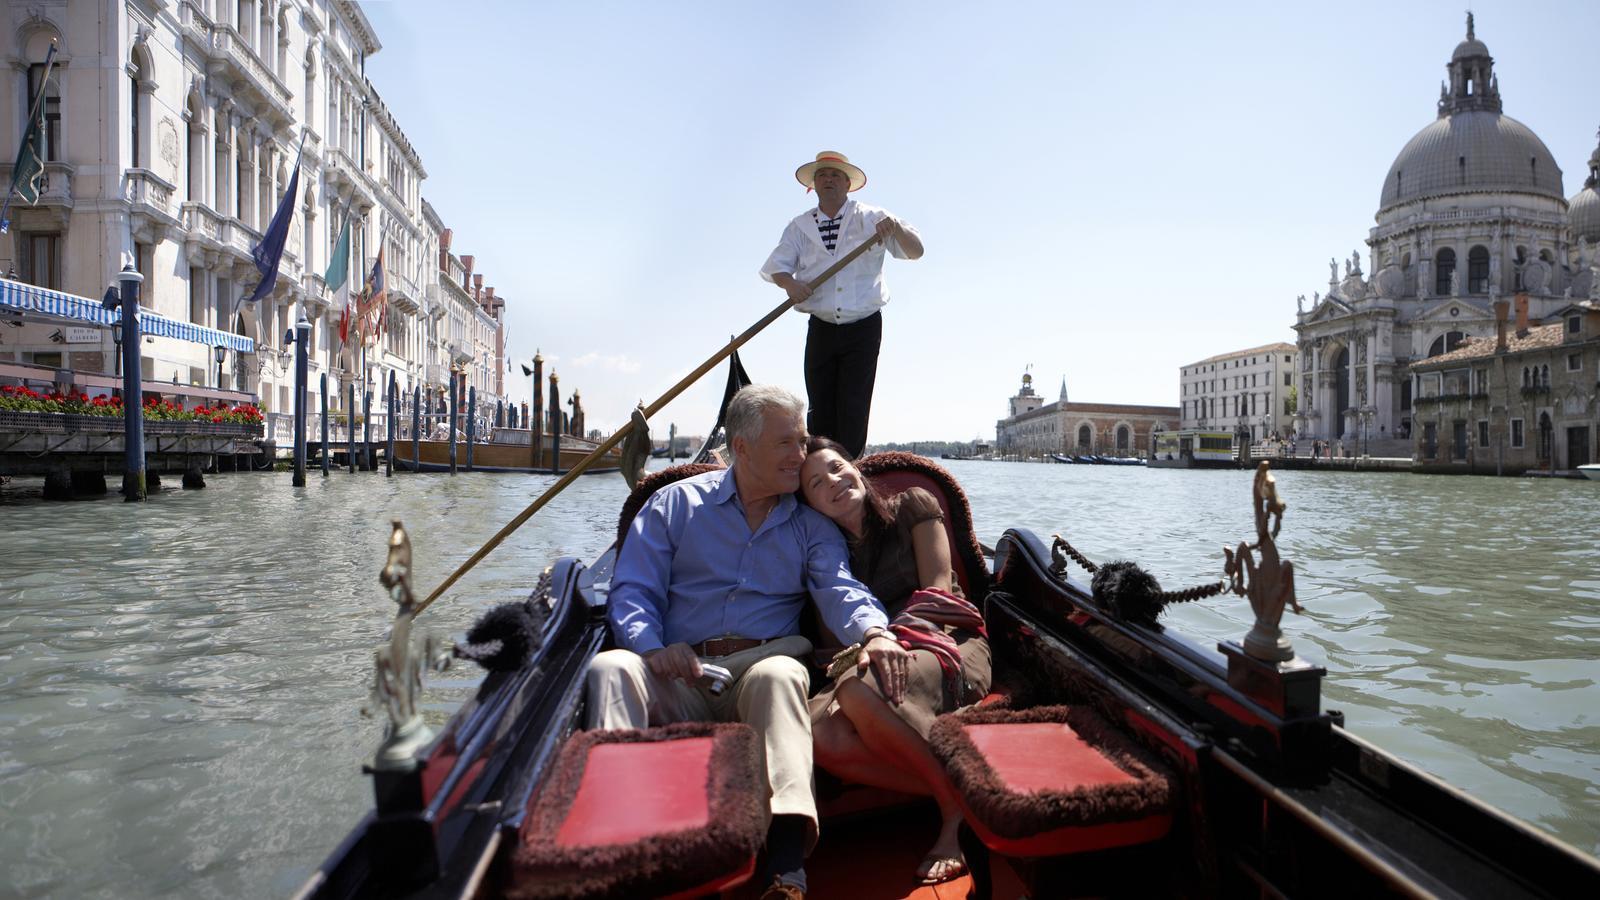 Venècia aprova un codi de conducta i multarà els turistes que no el compleixin